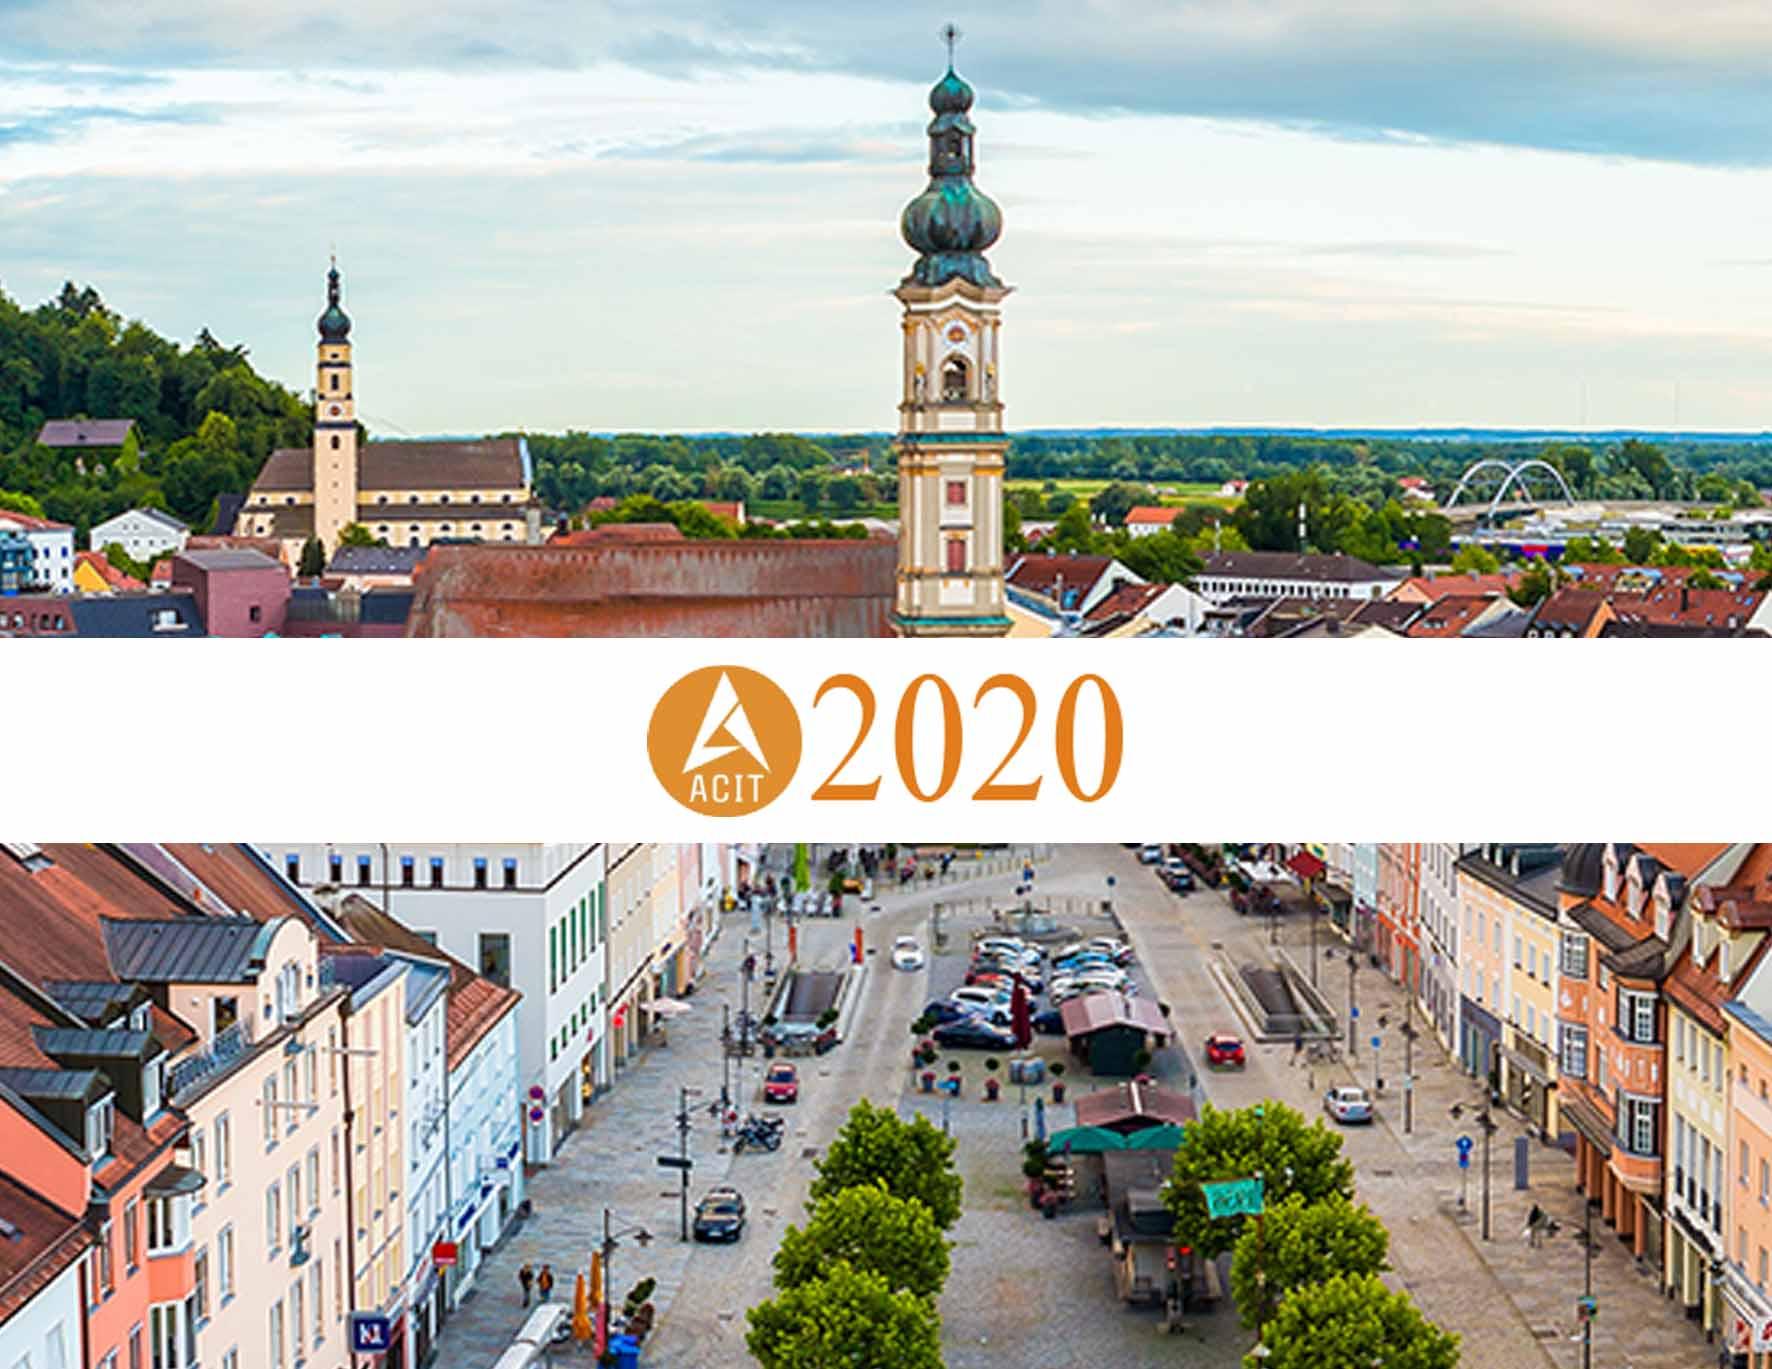 Mogućnost financiranja učešća na konferenciji u oblasti informacionih tehnologija u Deggendorfu u Njemačkoj